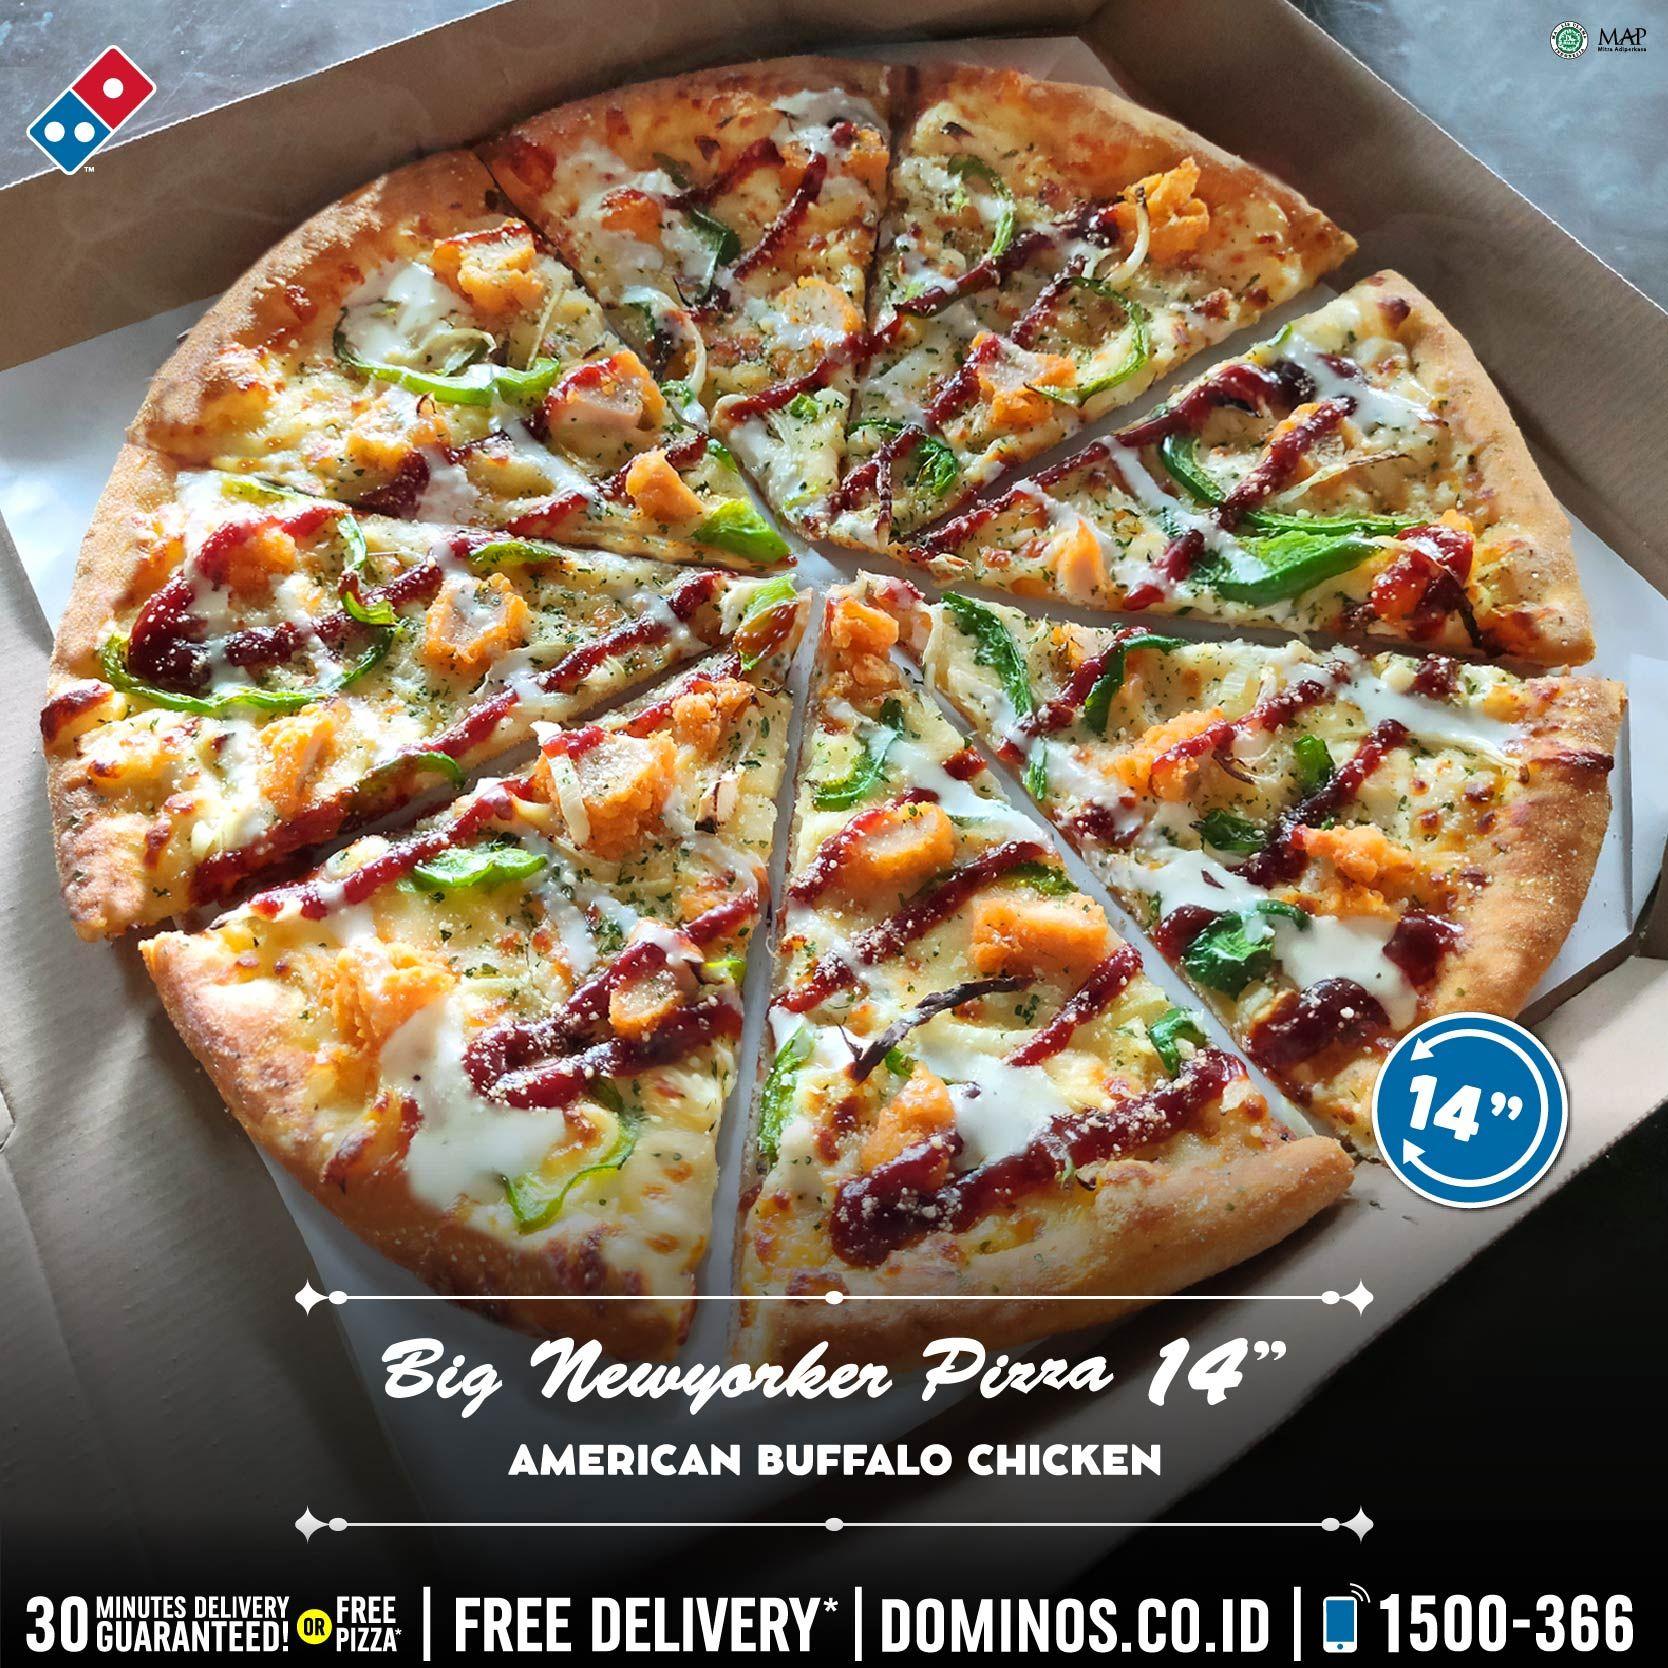 Domino S Pizza Id Auf Twitter Bigger Size Bigger Taste Musttry Big Newyorker Pizza Tersedia 4 Topping Favorite Harga 107rb An Untuk 8 Slices Besar Orderonline Https T Co Oy9vosyy8y Call 1500366 Dirumahaja Zerocontactdelivery